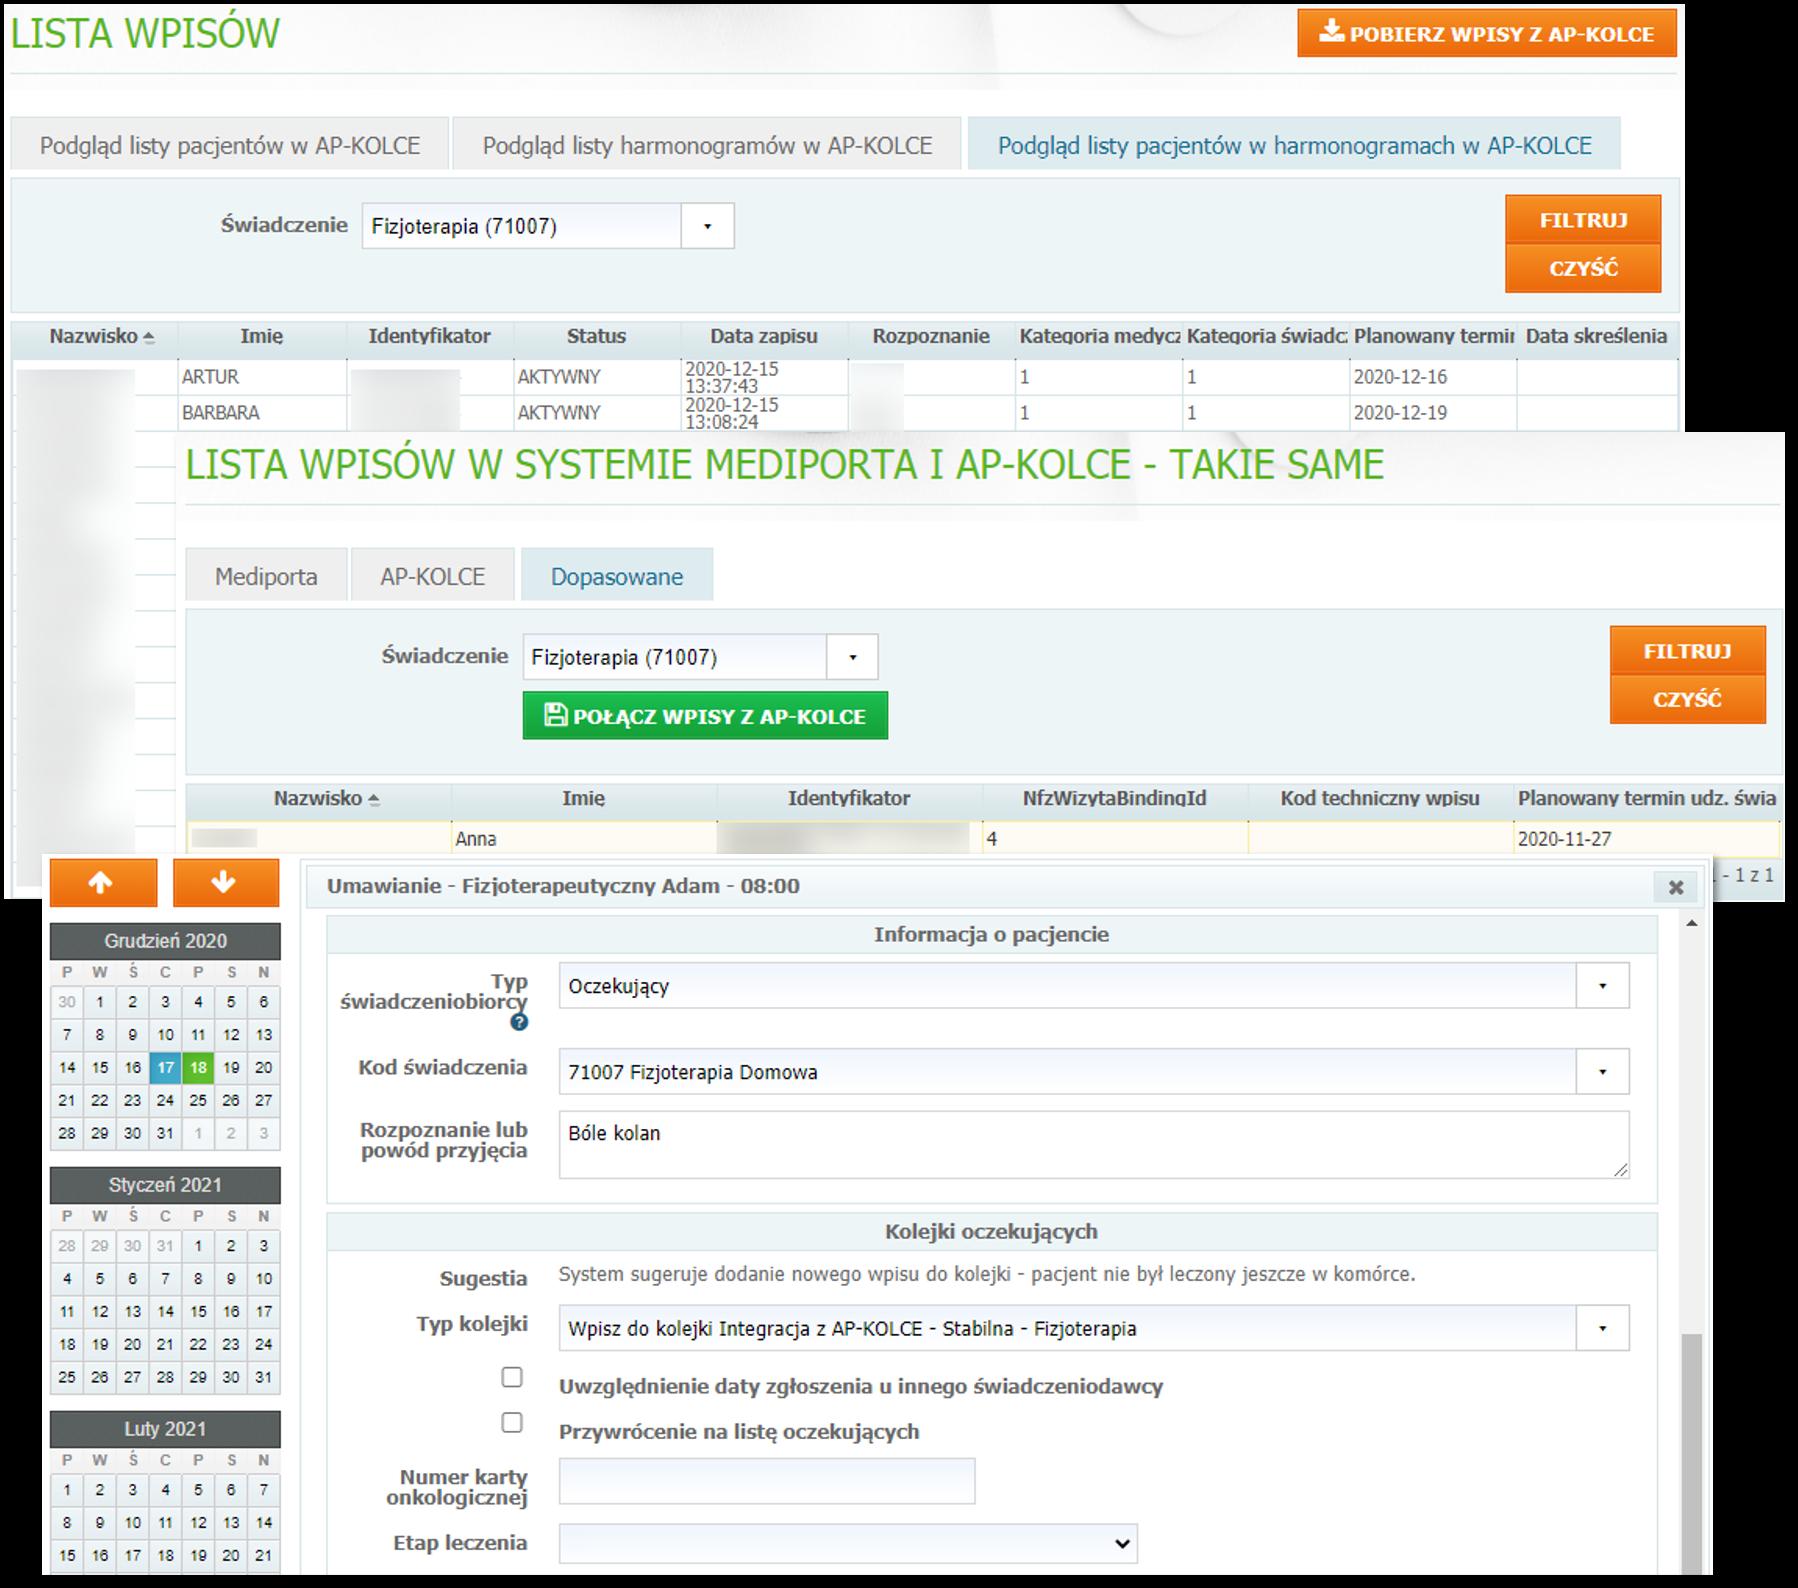 Integracja z aplikacją Kolejki Centralne (AP-KOLCE) w systemie Mediporta